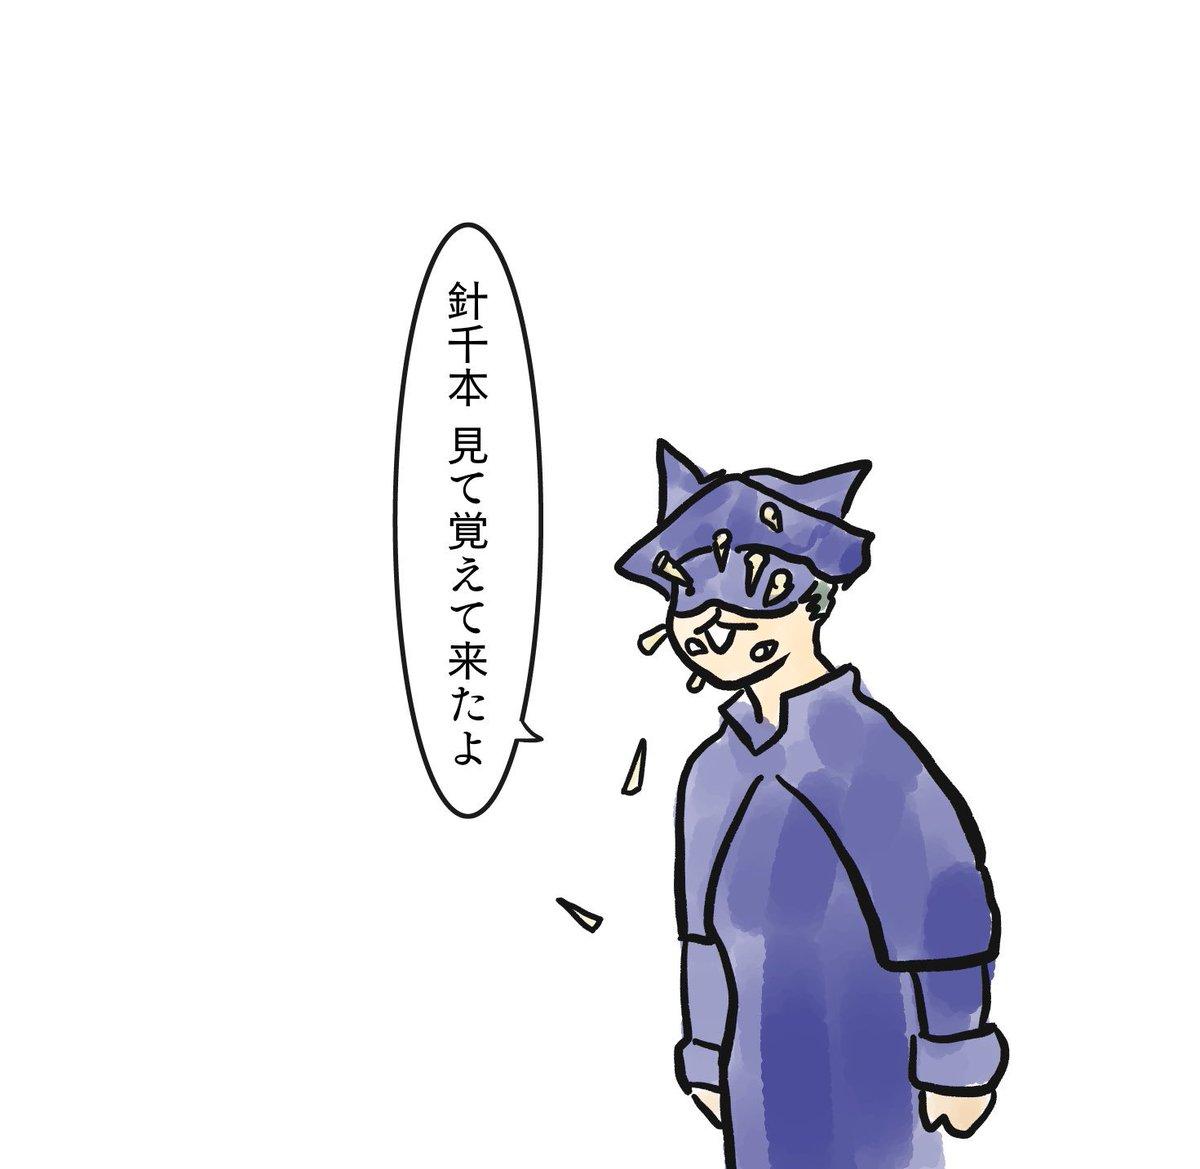 ヤミペンさんの投稿画像